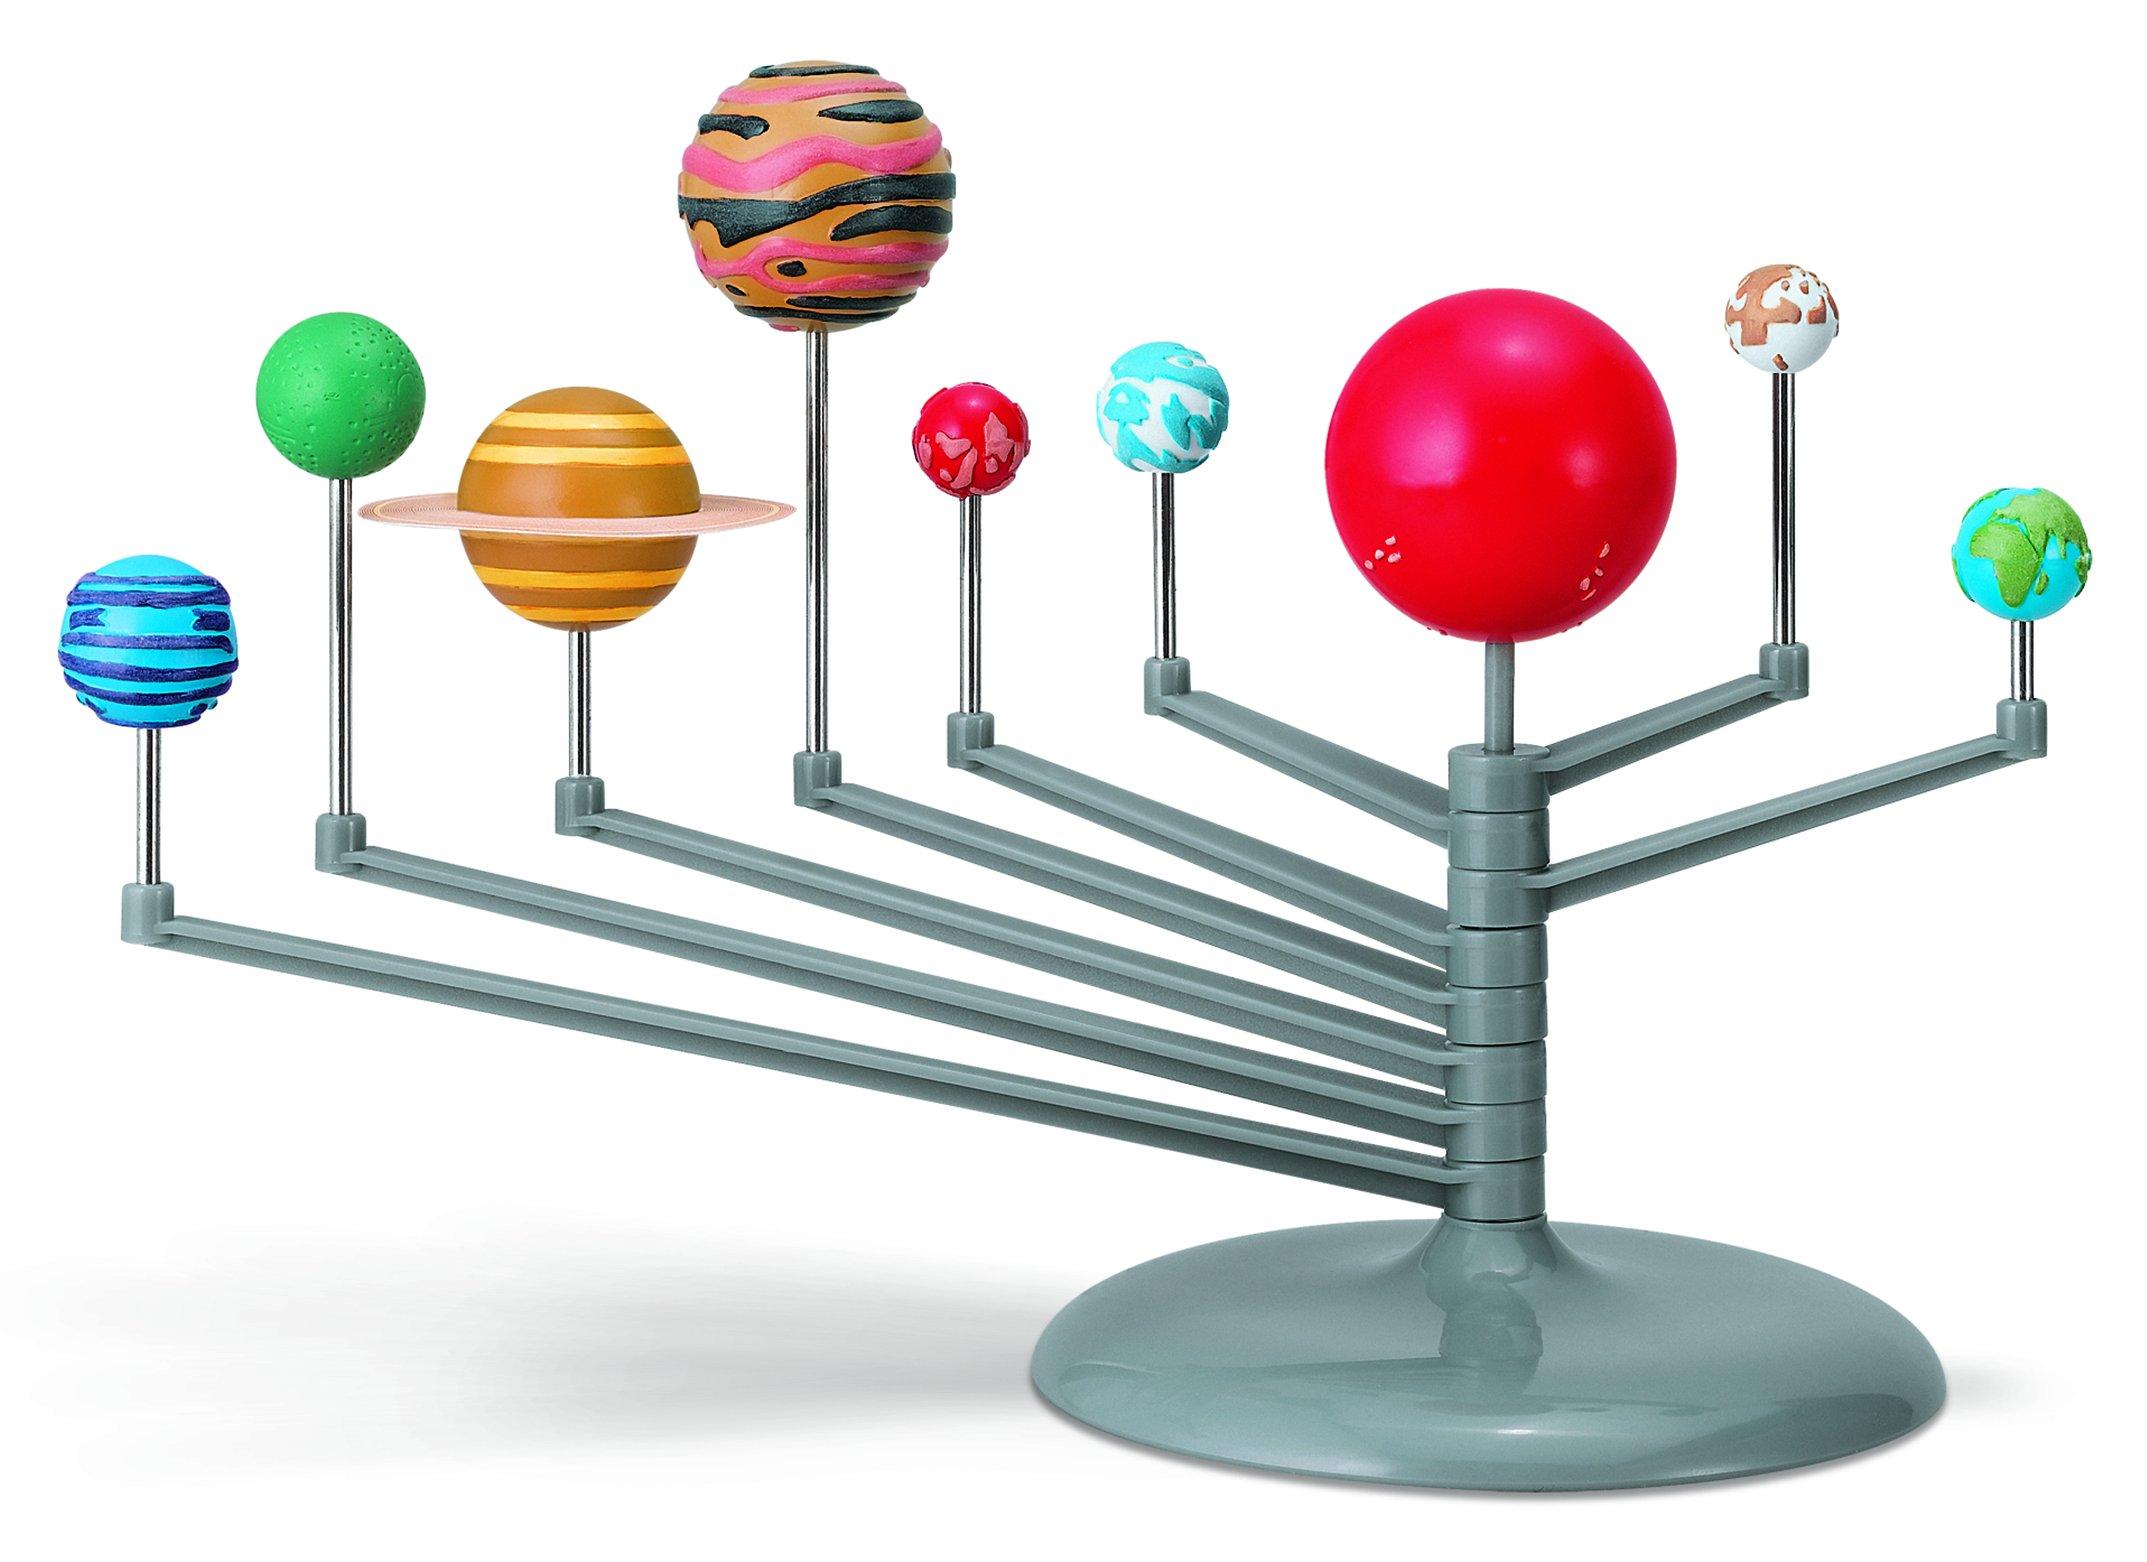 KidzLabs Modèle de planétarium - système solaire